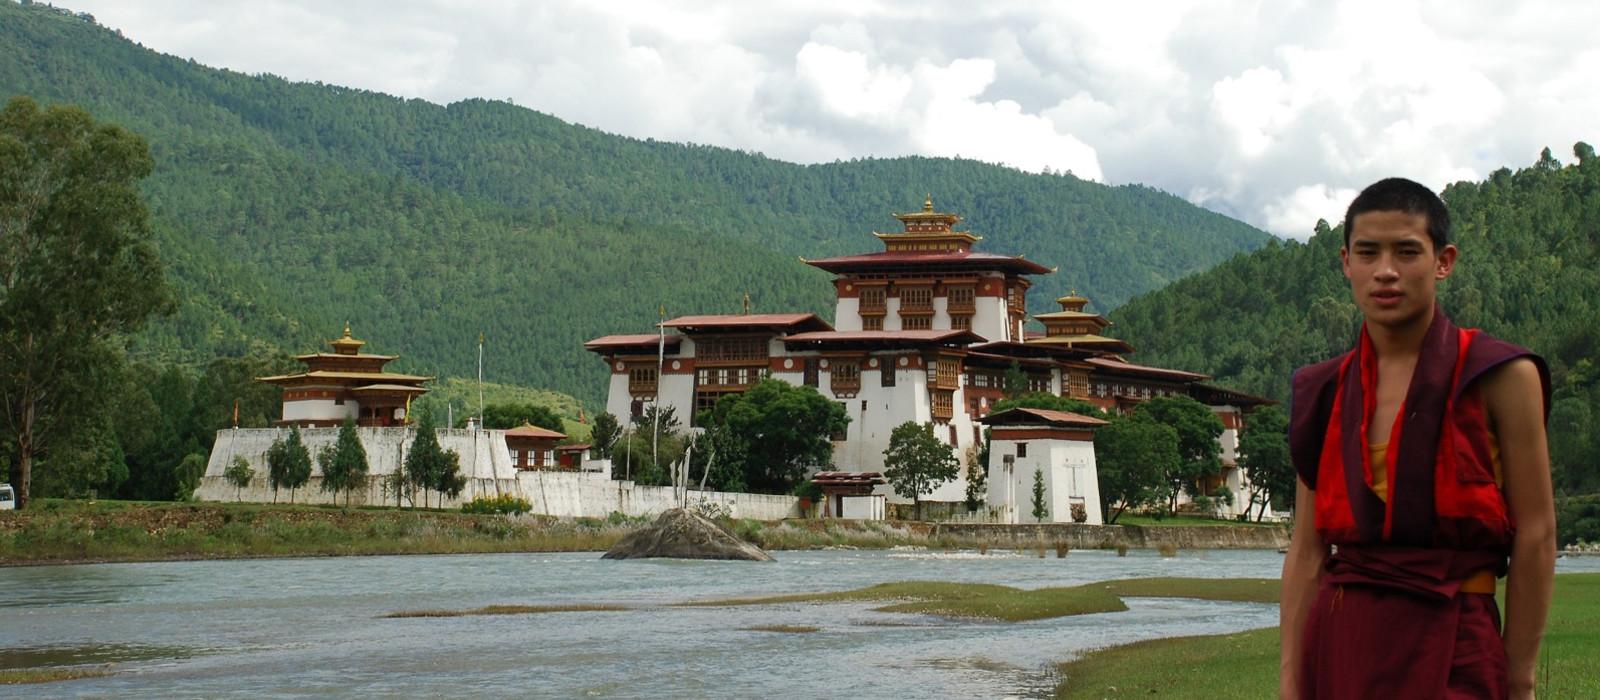 Himalaya und Inselparadies – Bhutan & Thailand Luxusreise Urlaub 1